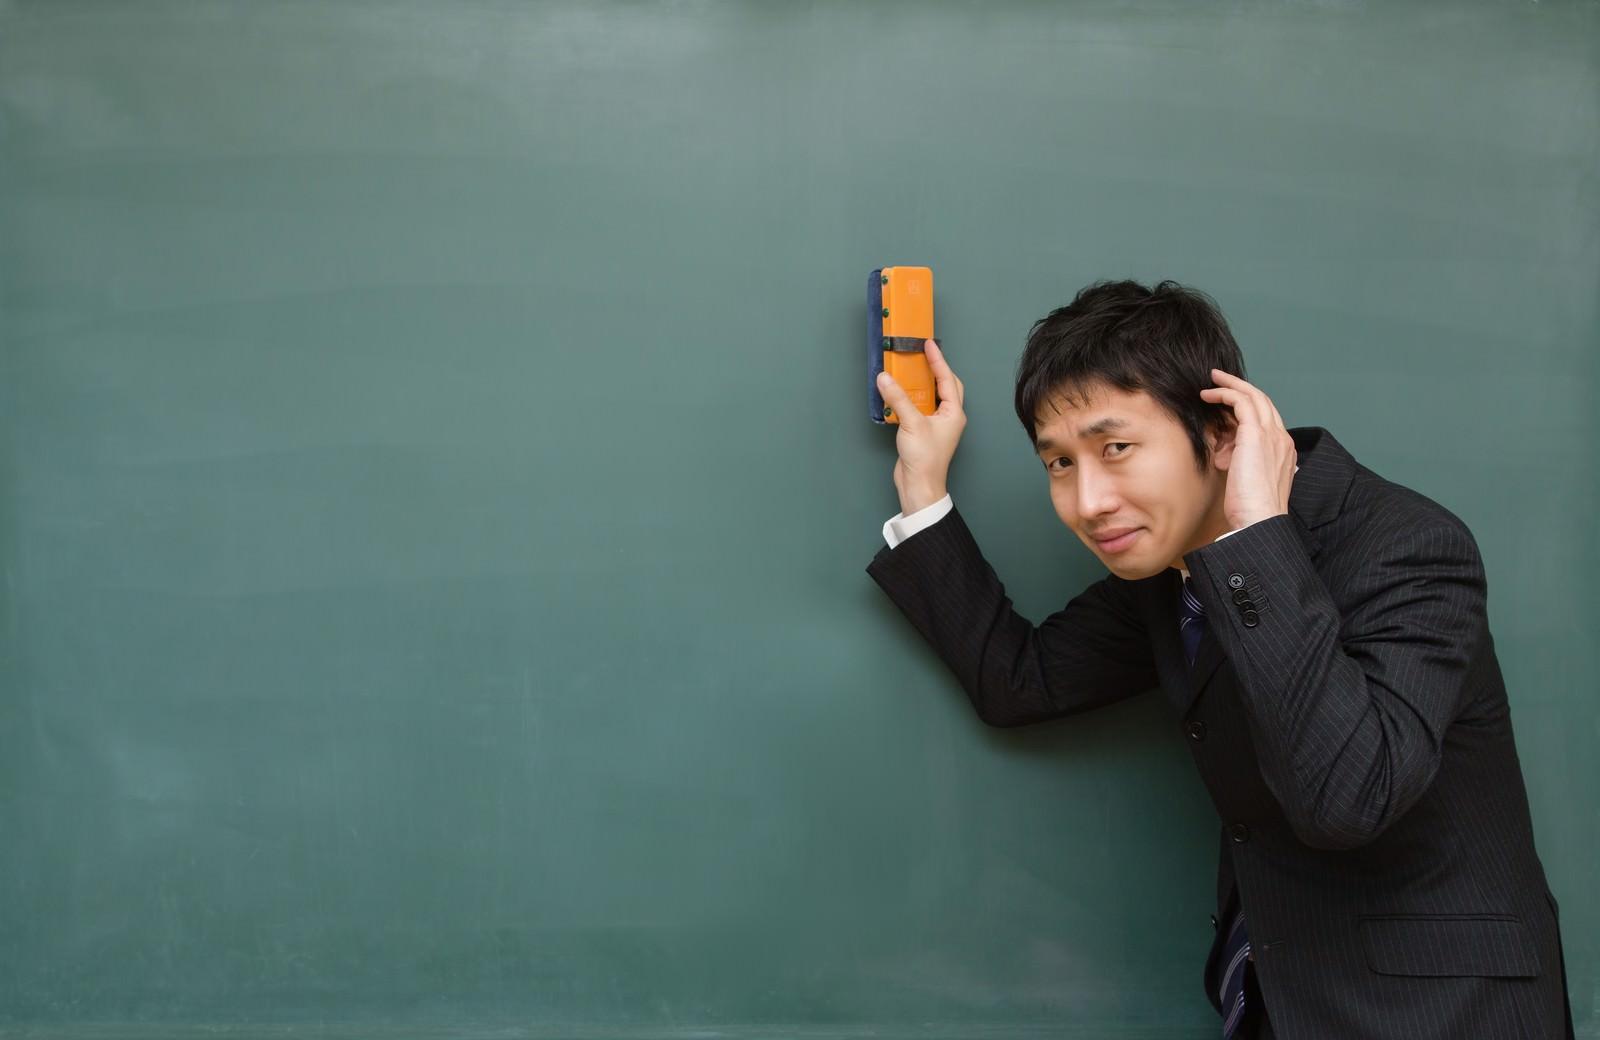 「「すみません!」と謝る講師「すみません!」と謝る講師」[モデル:大川竜弥]のフリー写真素材を拡大